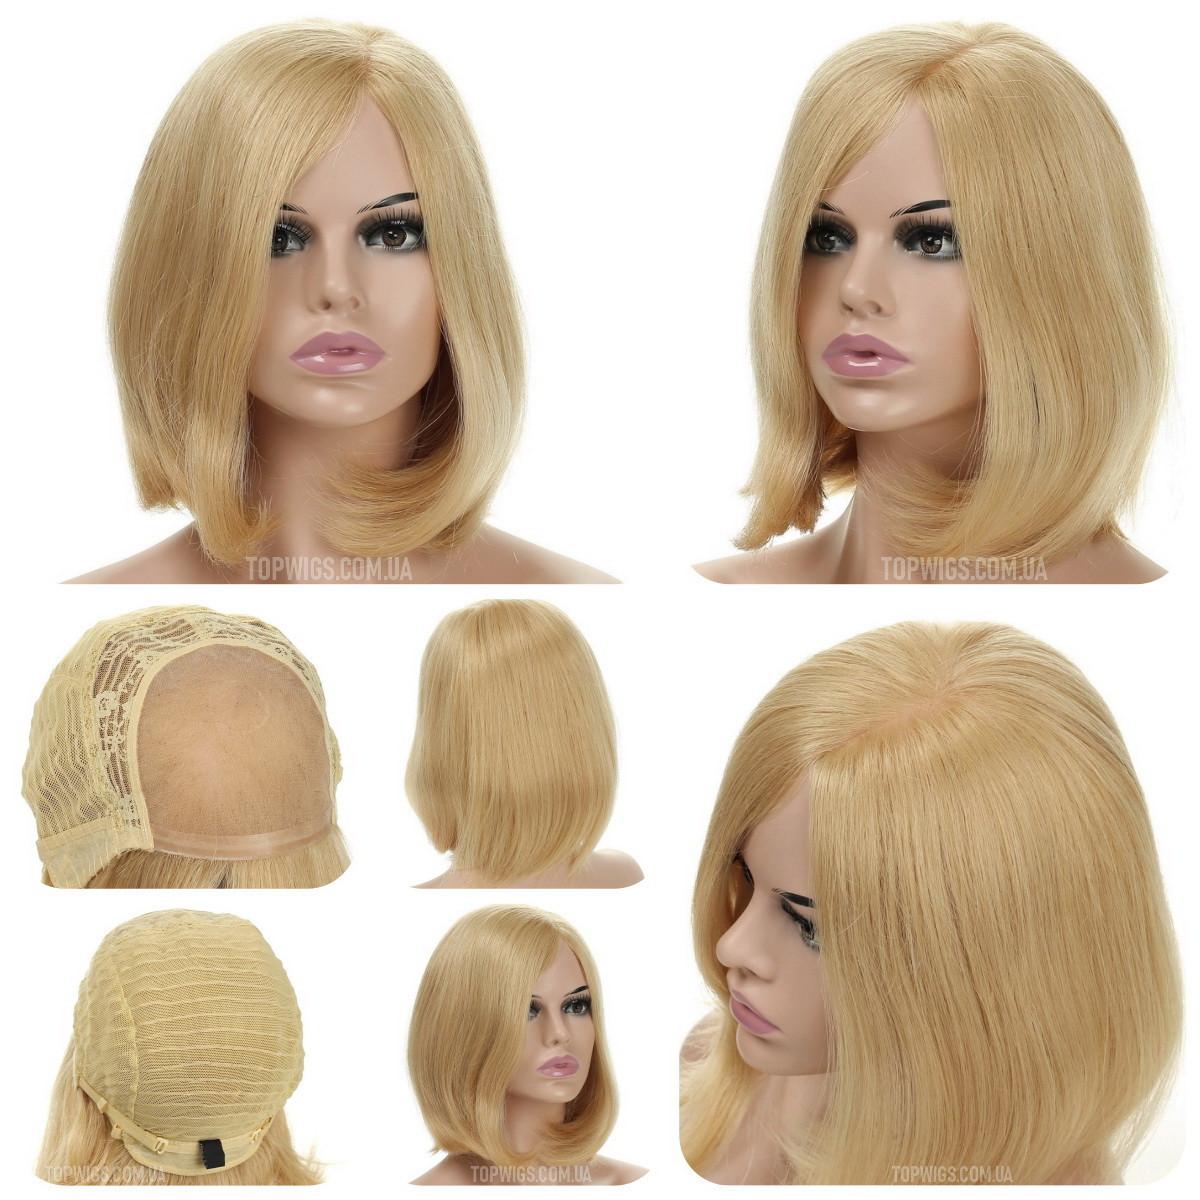 Разнообразие париков из натуральных волос